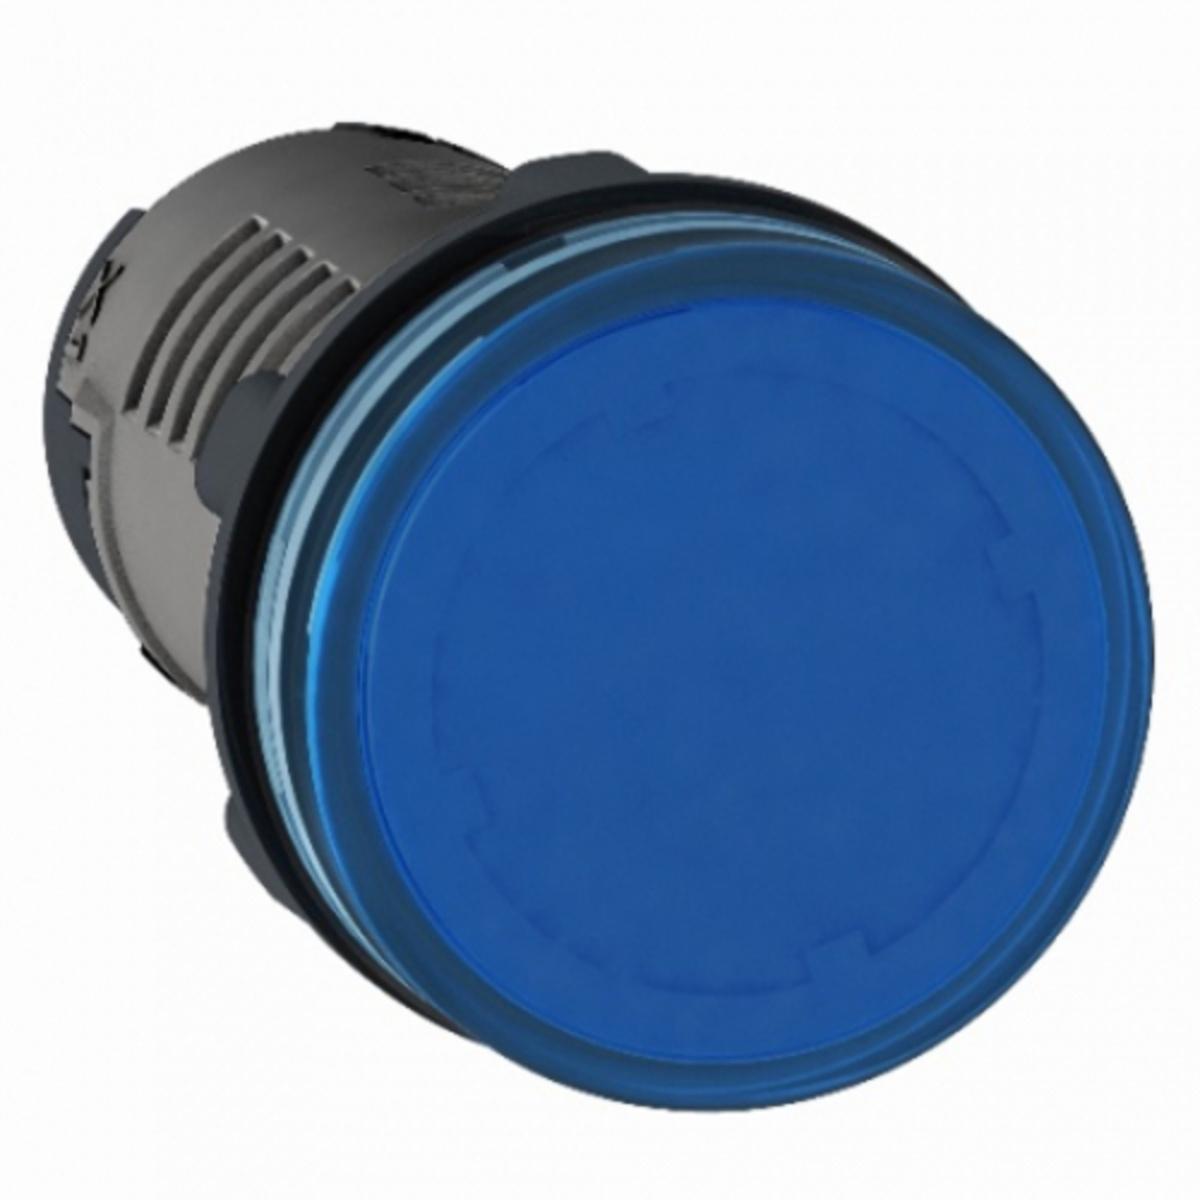 SINALIZADOR LED 22MM AZ 24V XA2EVB6LC SCHNEIDER